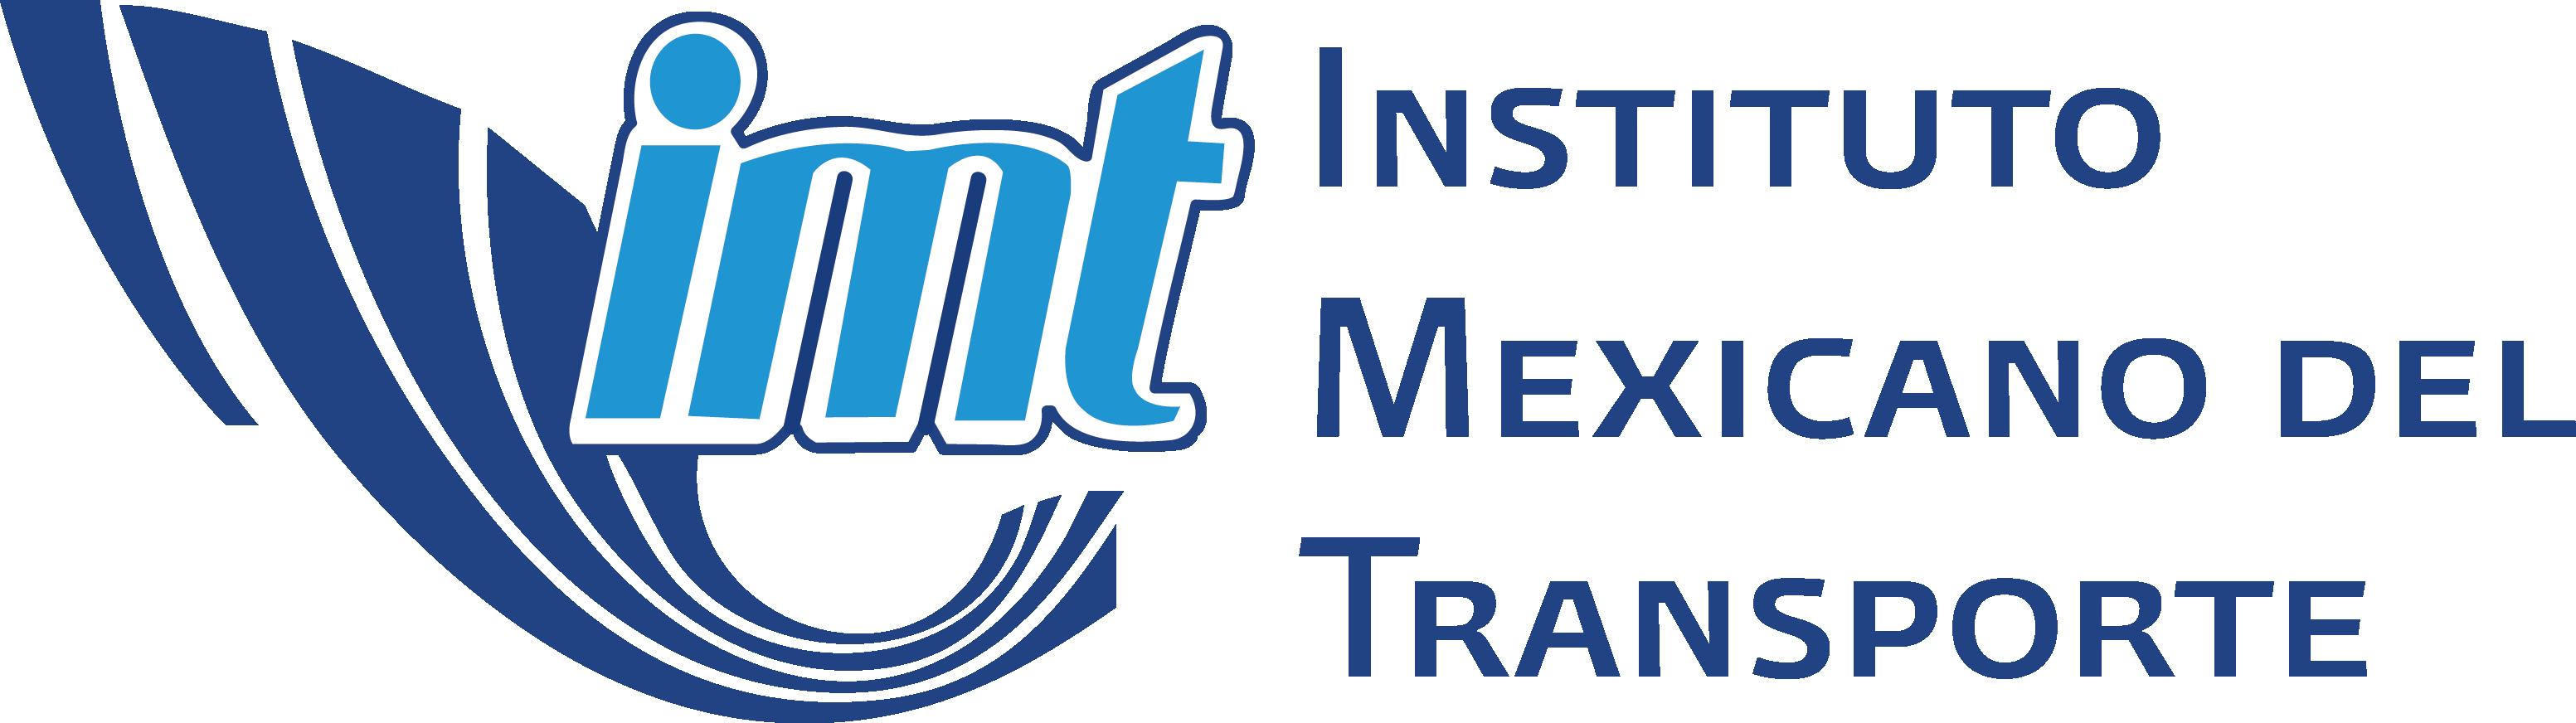 Instituo mexicano del transporte